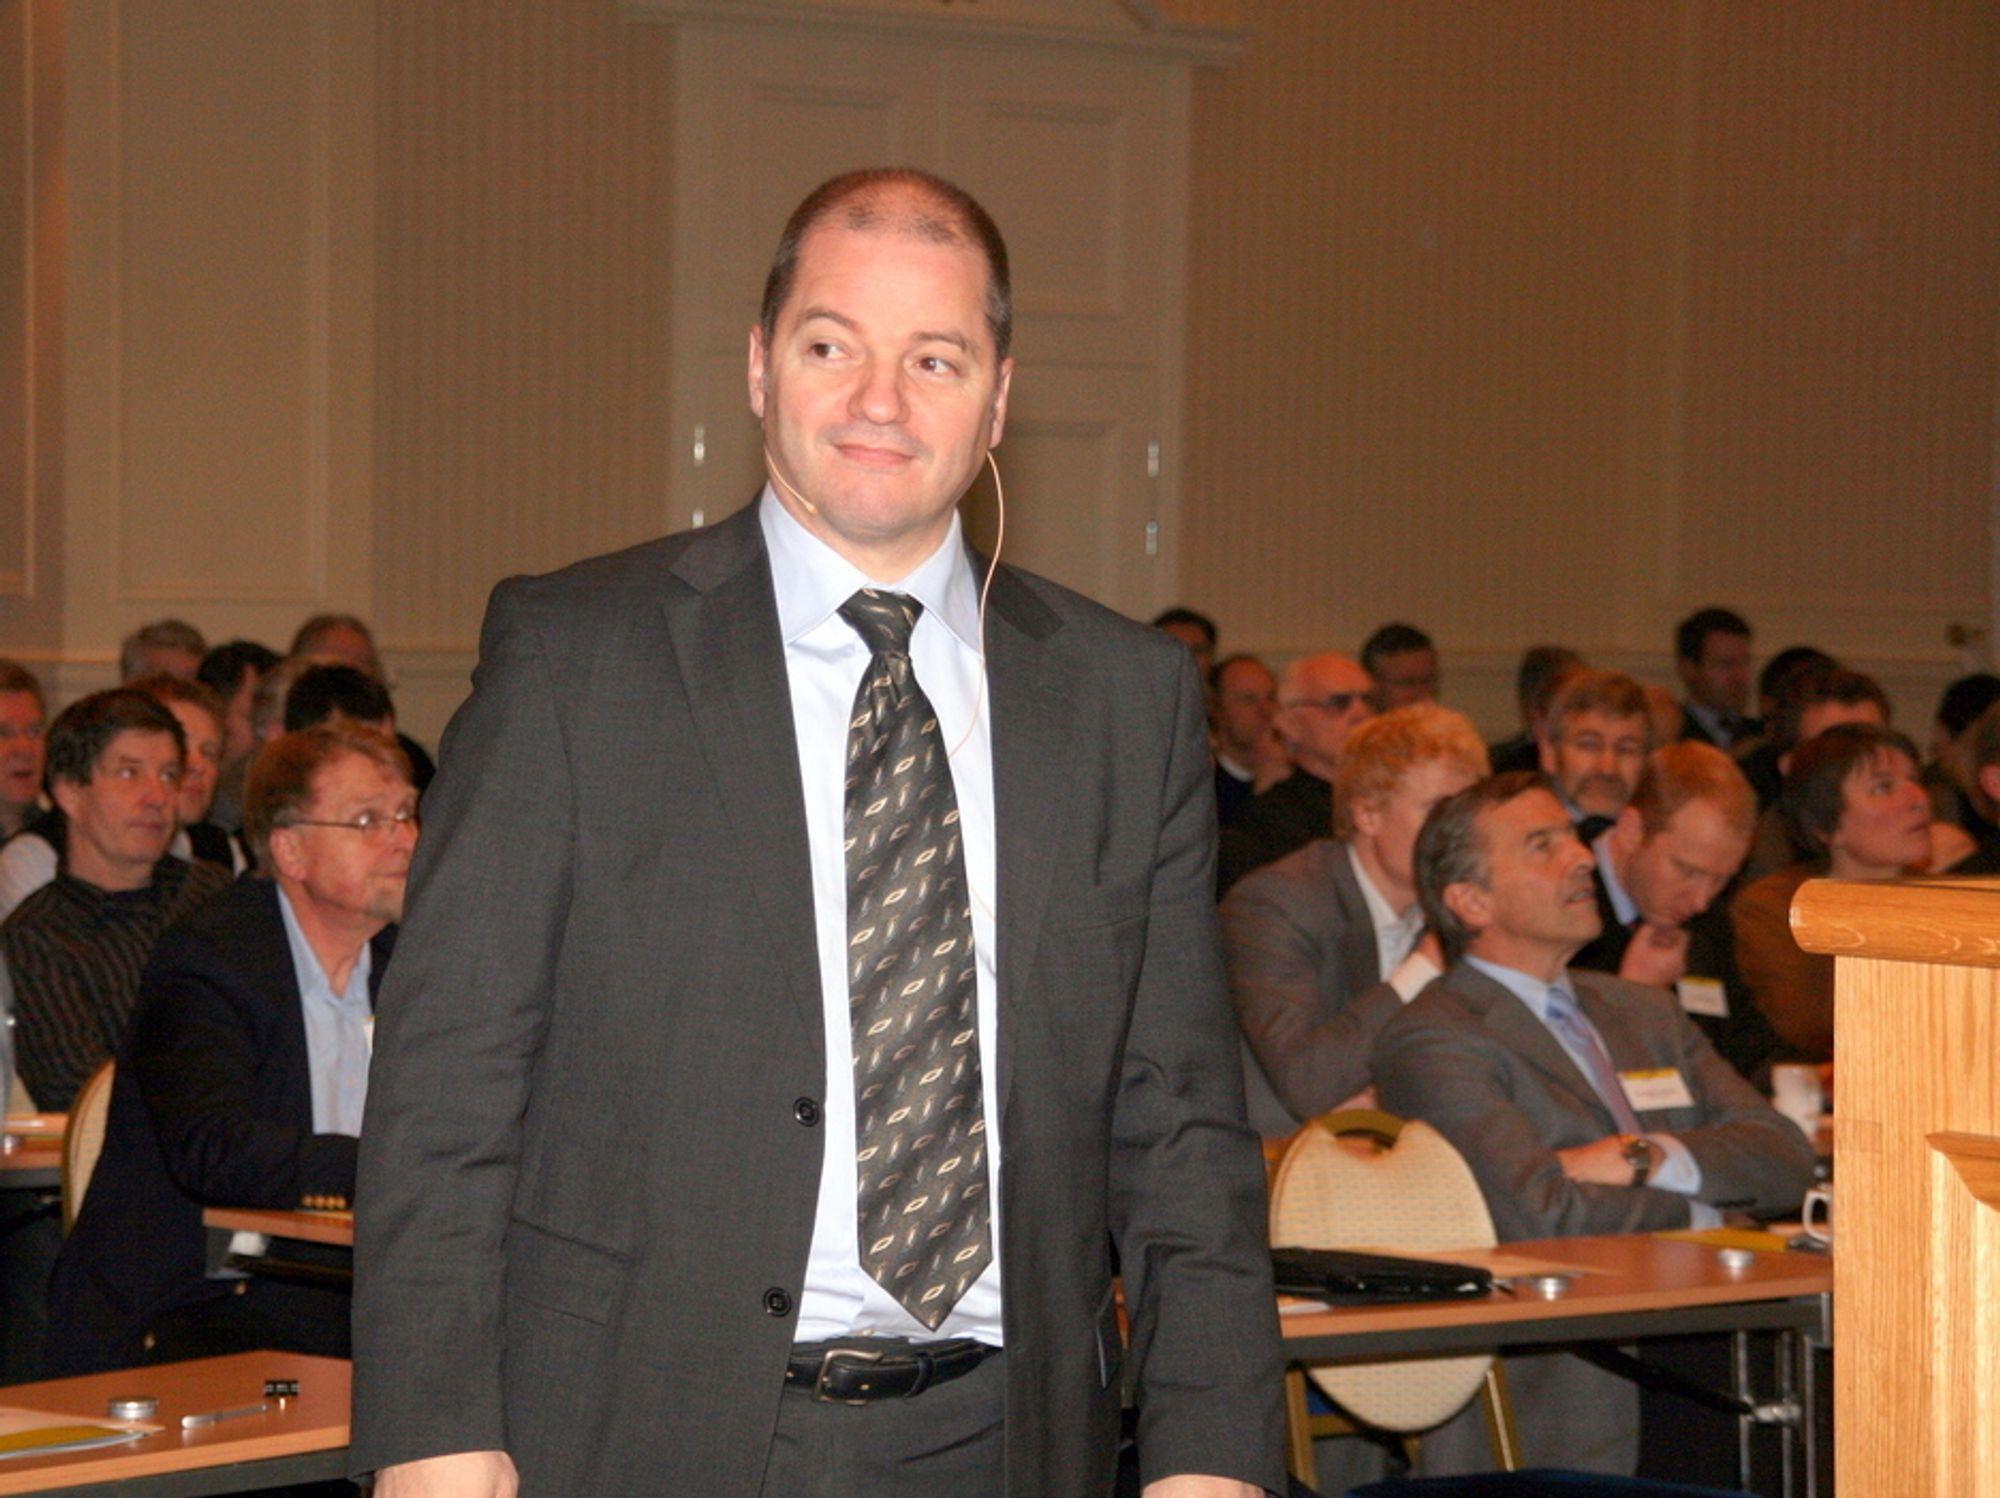 HAR TALT: Olje- og energiminister Odd Roger Enoksen ønsker ikke å utsette CO2-rensing av Kårstø.